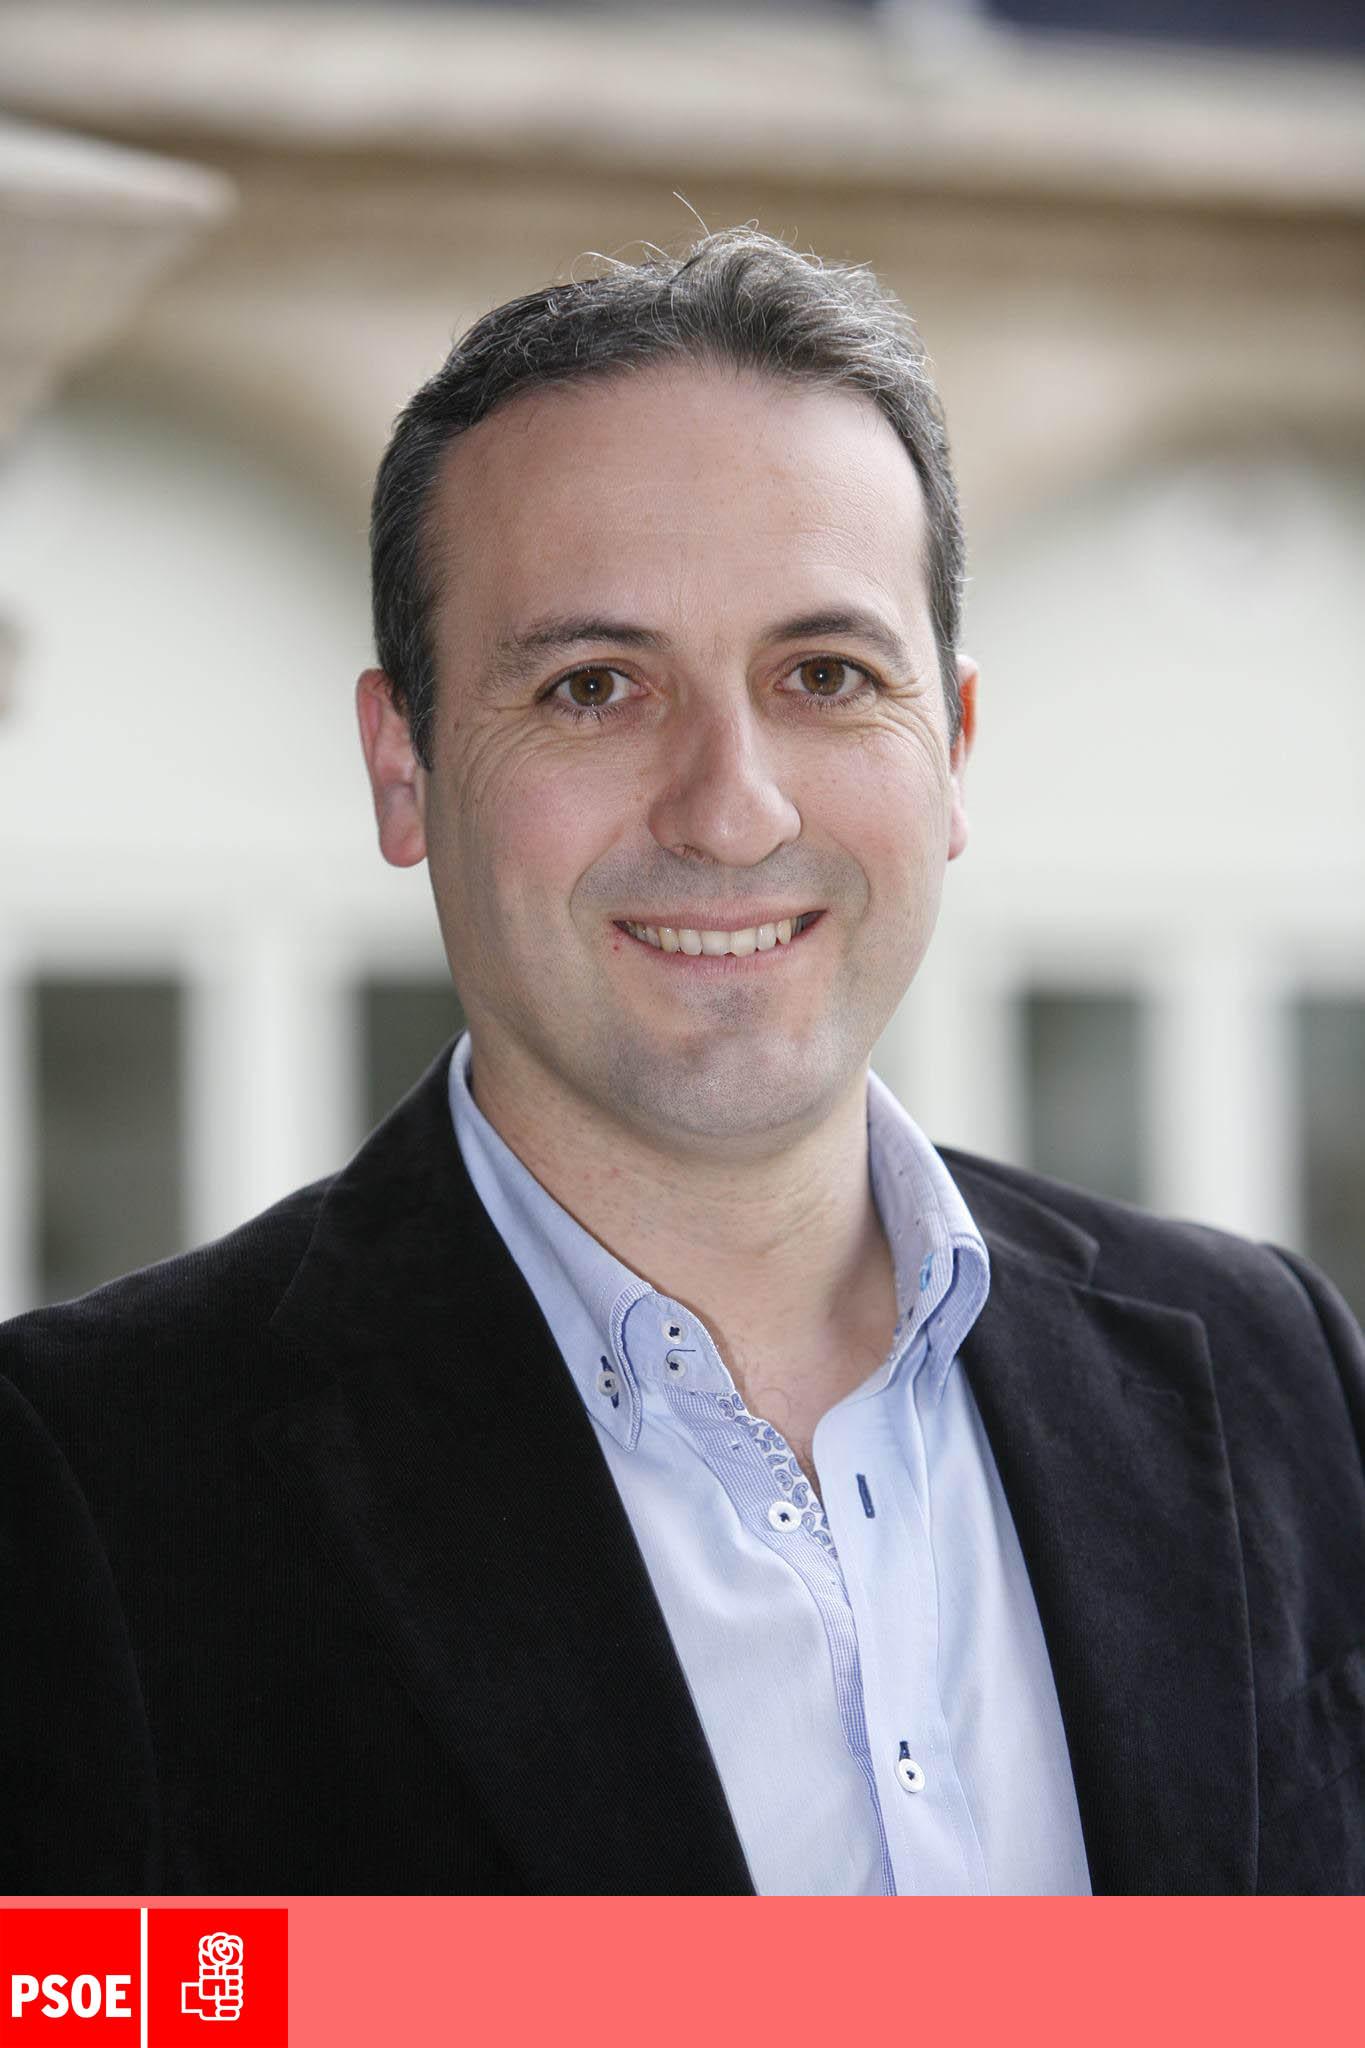 Antonio José Rodríguez Viñas